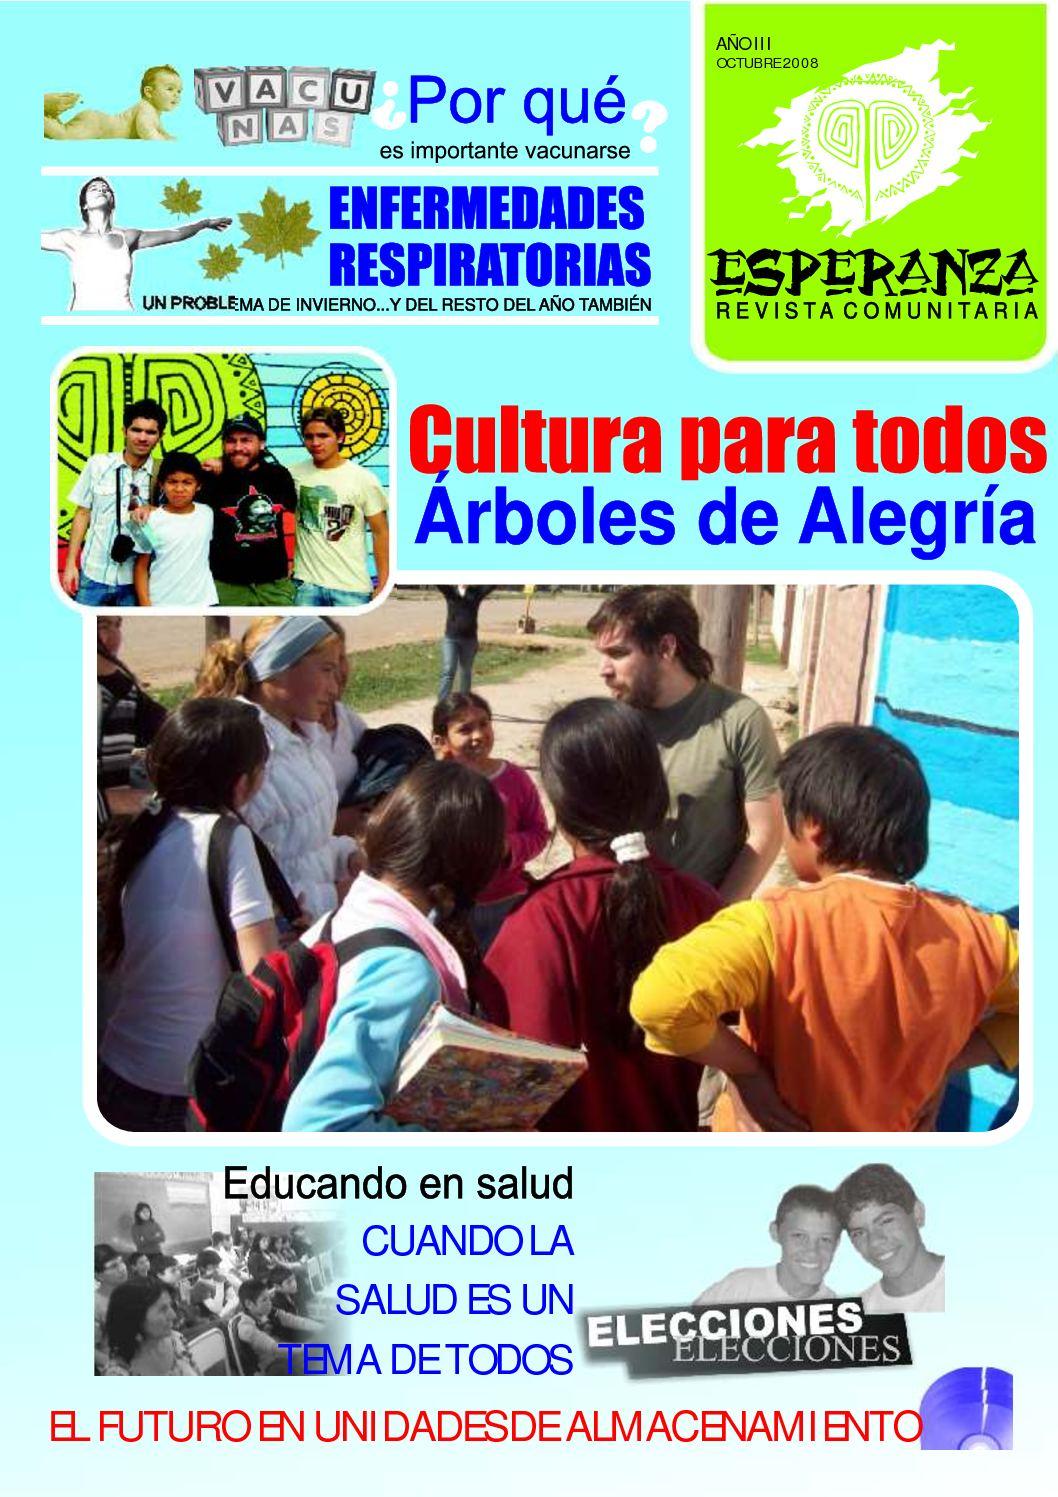 Calaméo - Revista Comunitaria ESPERANZA N° 3